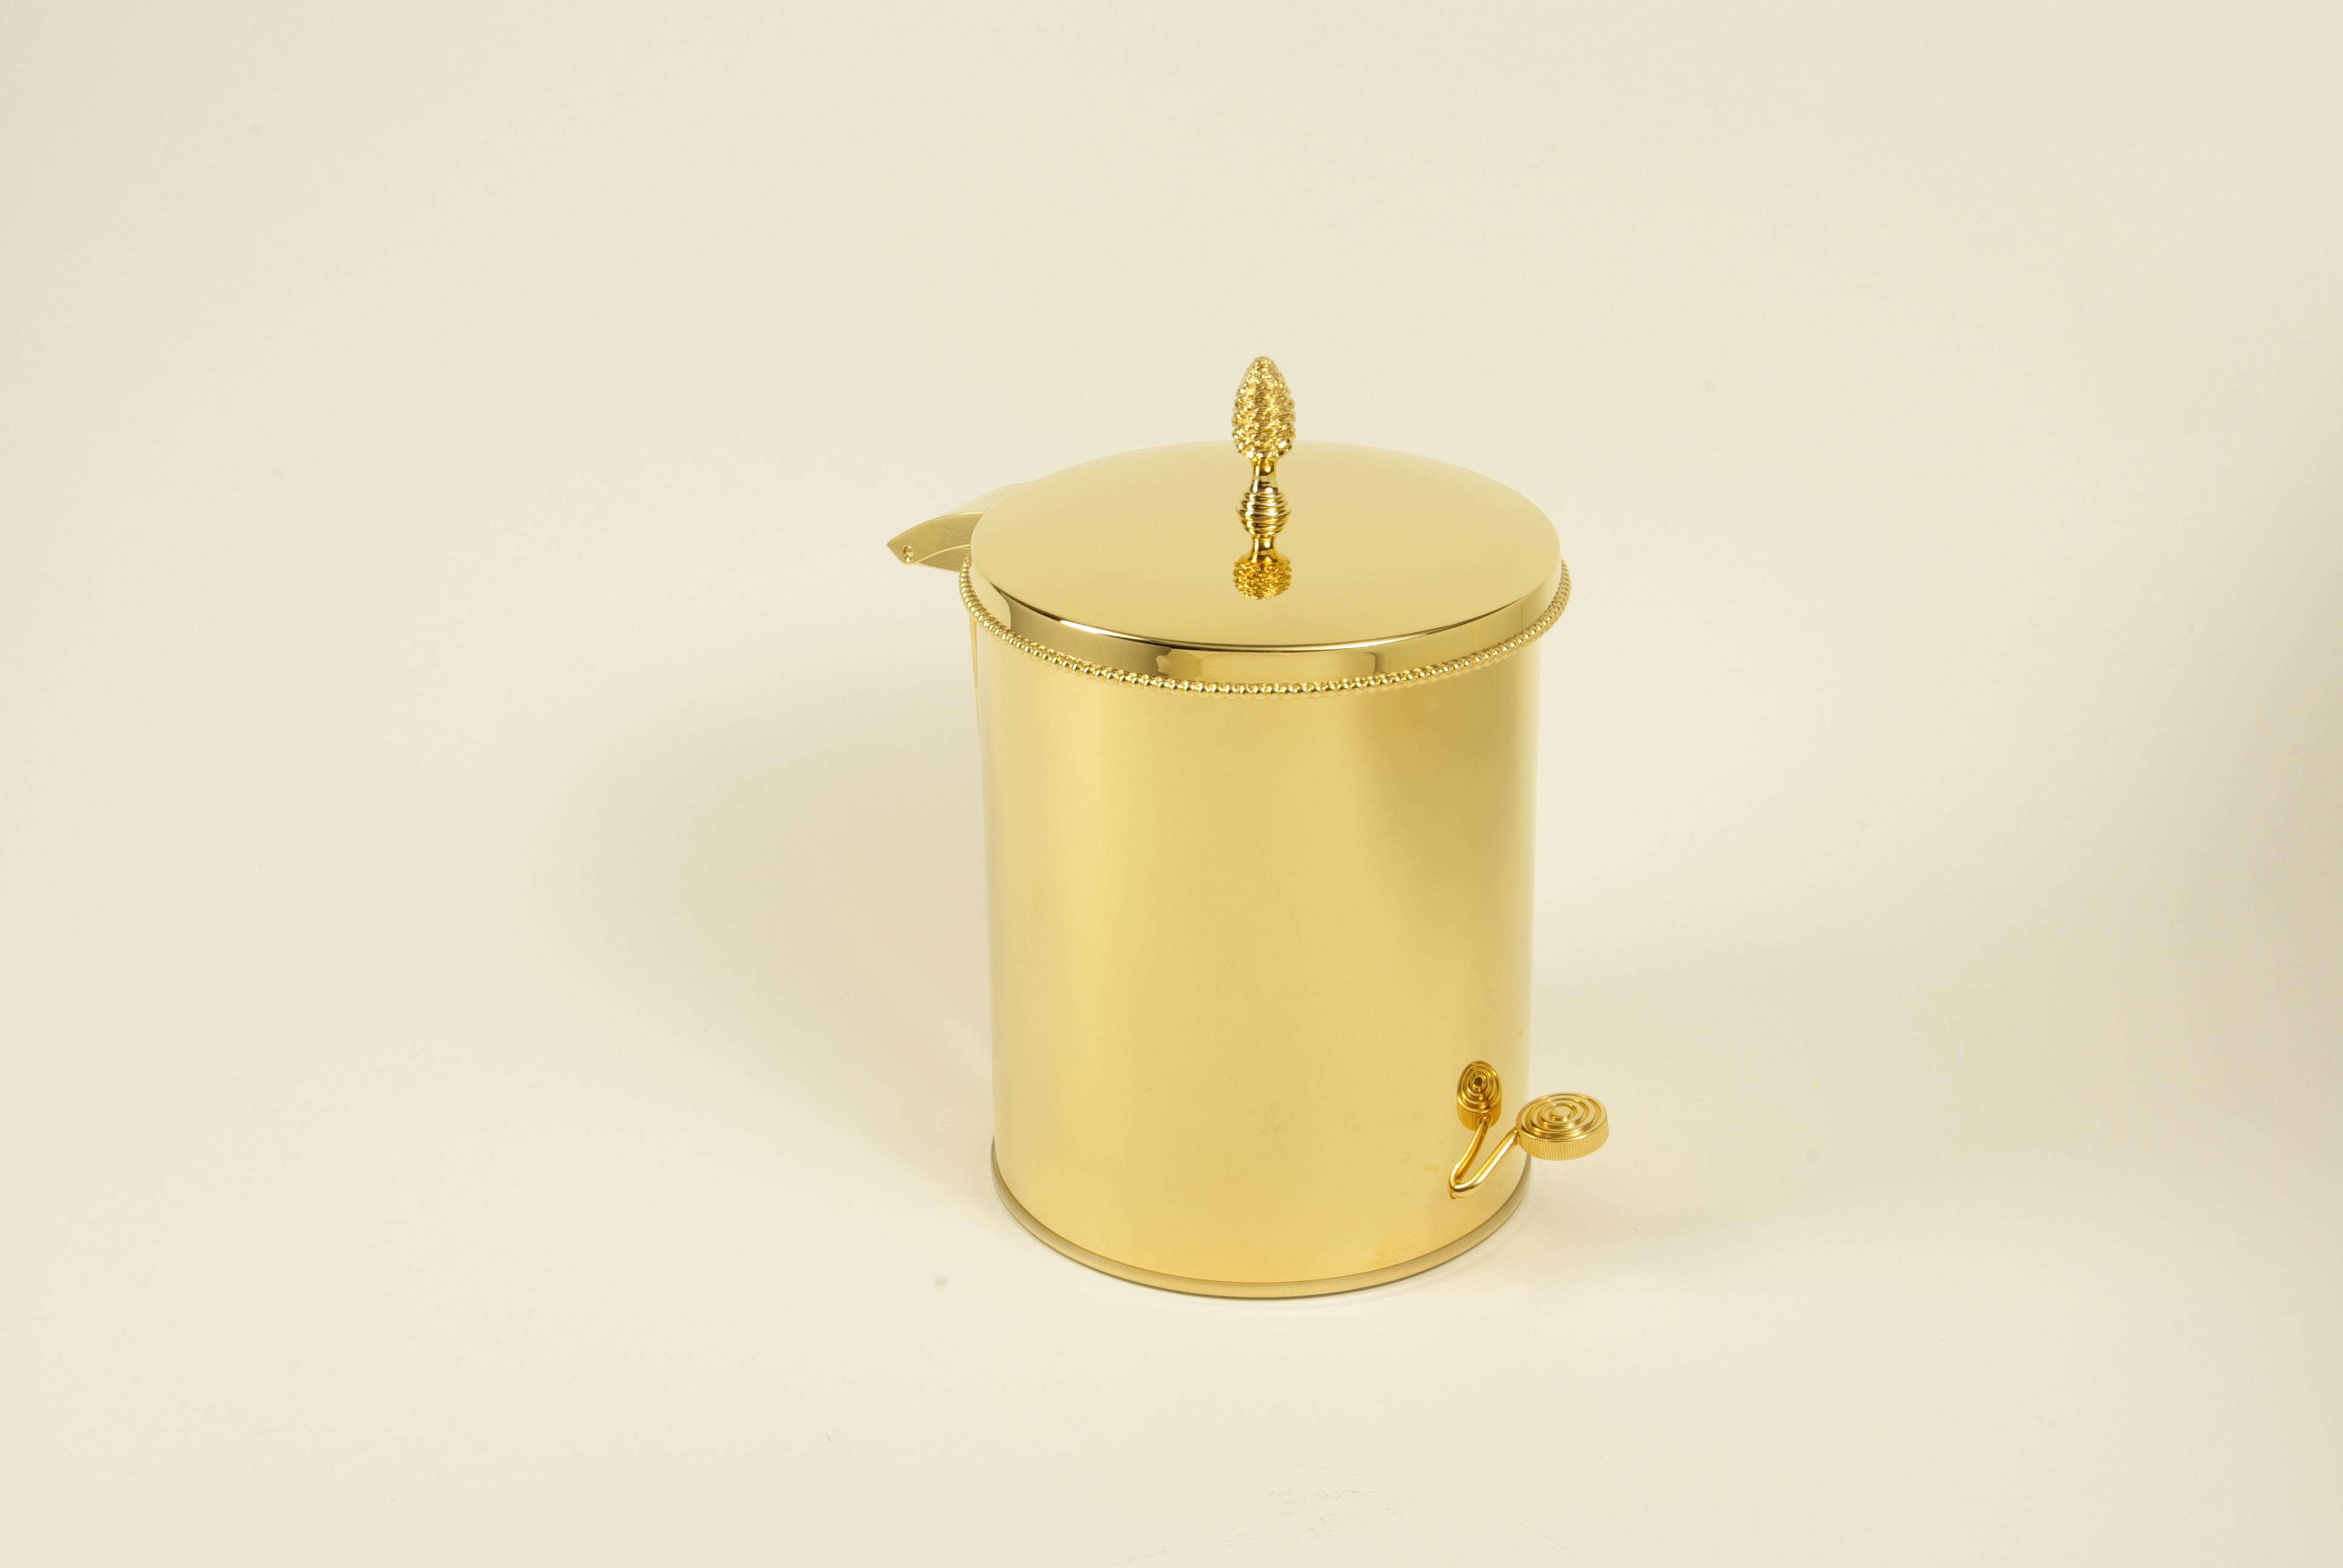 cristal et bronze 30206 pot brush and trash pedal bin with. Black Bedroom Furniture Sets. Home Design Ideas